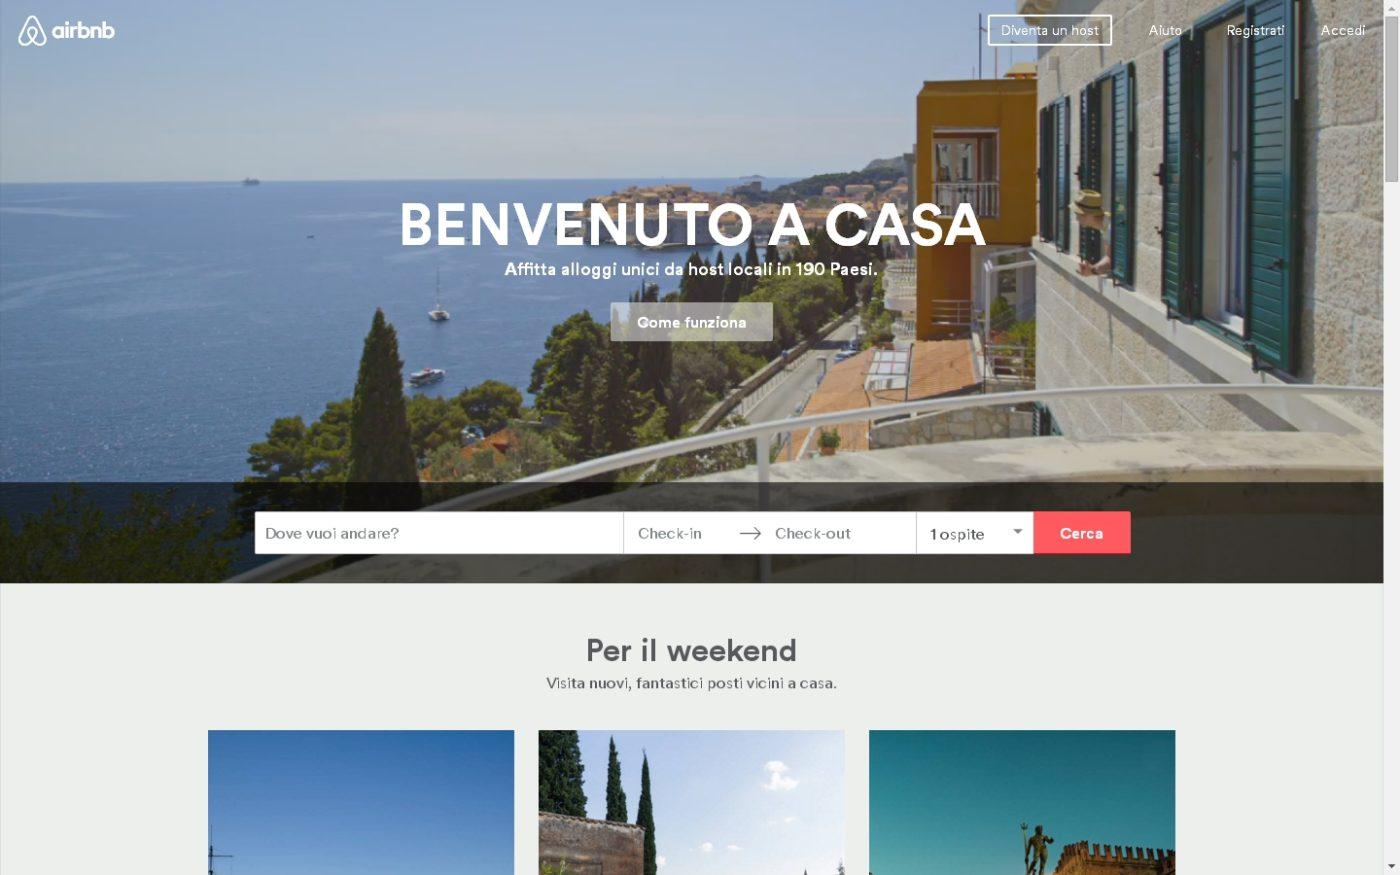 Confindustria alberghi l 39 offerta turistica non for Confindustria alberghi